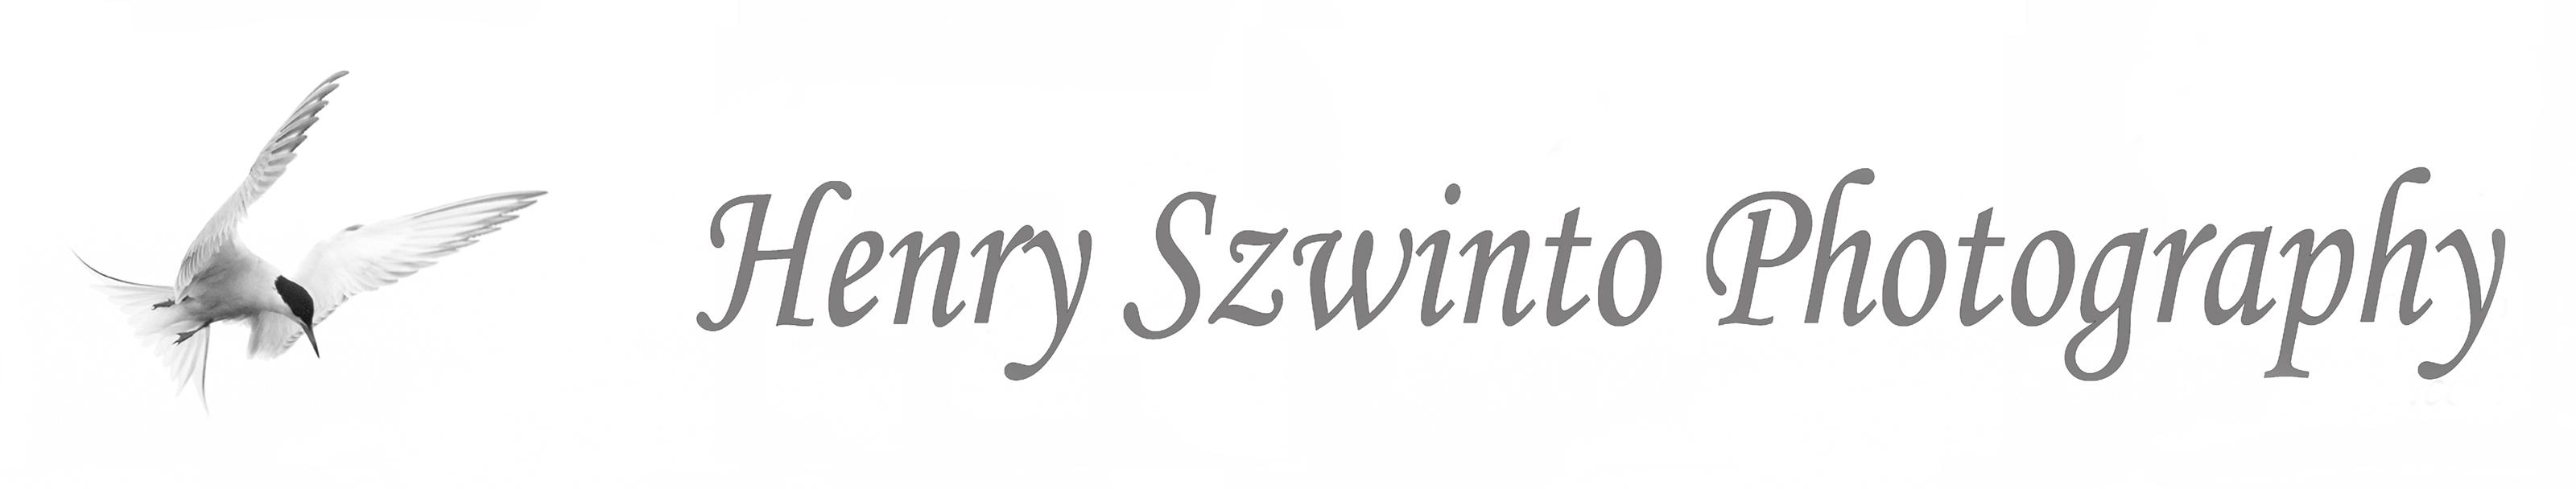 Henry Szwinto Wedding Photography